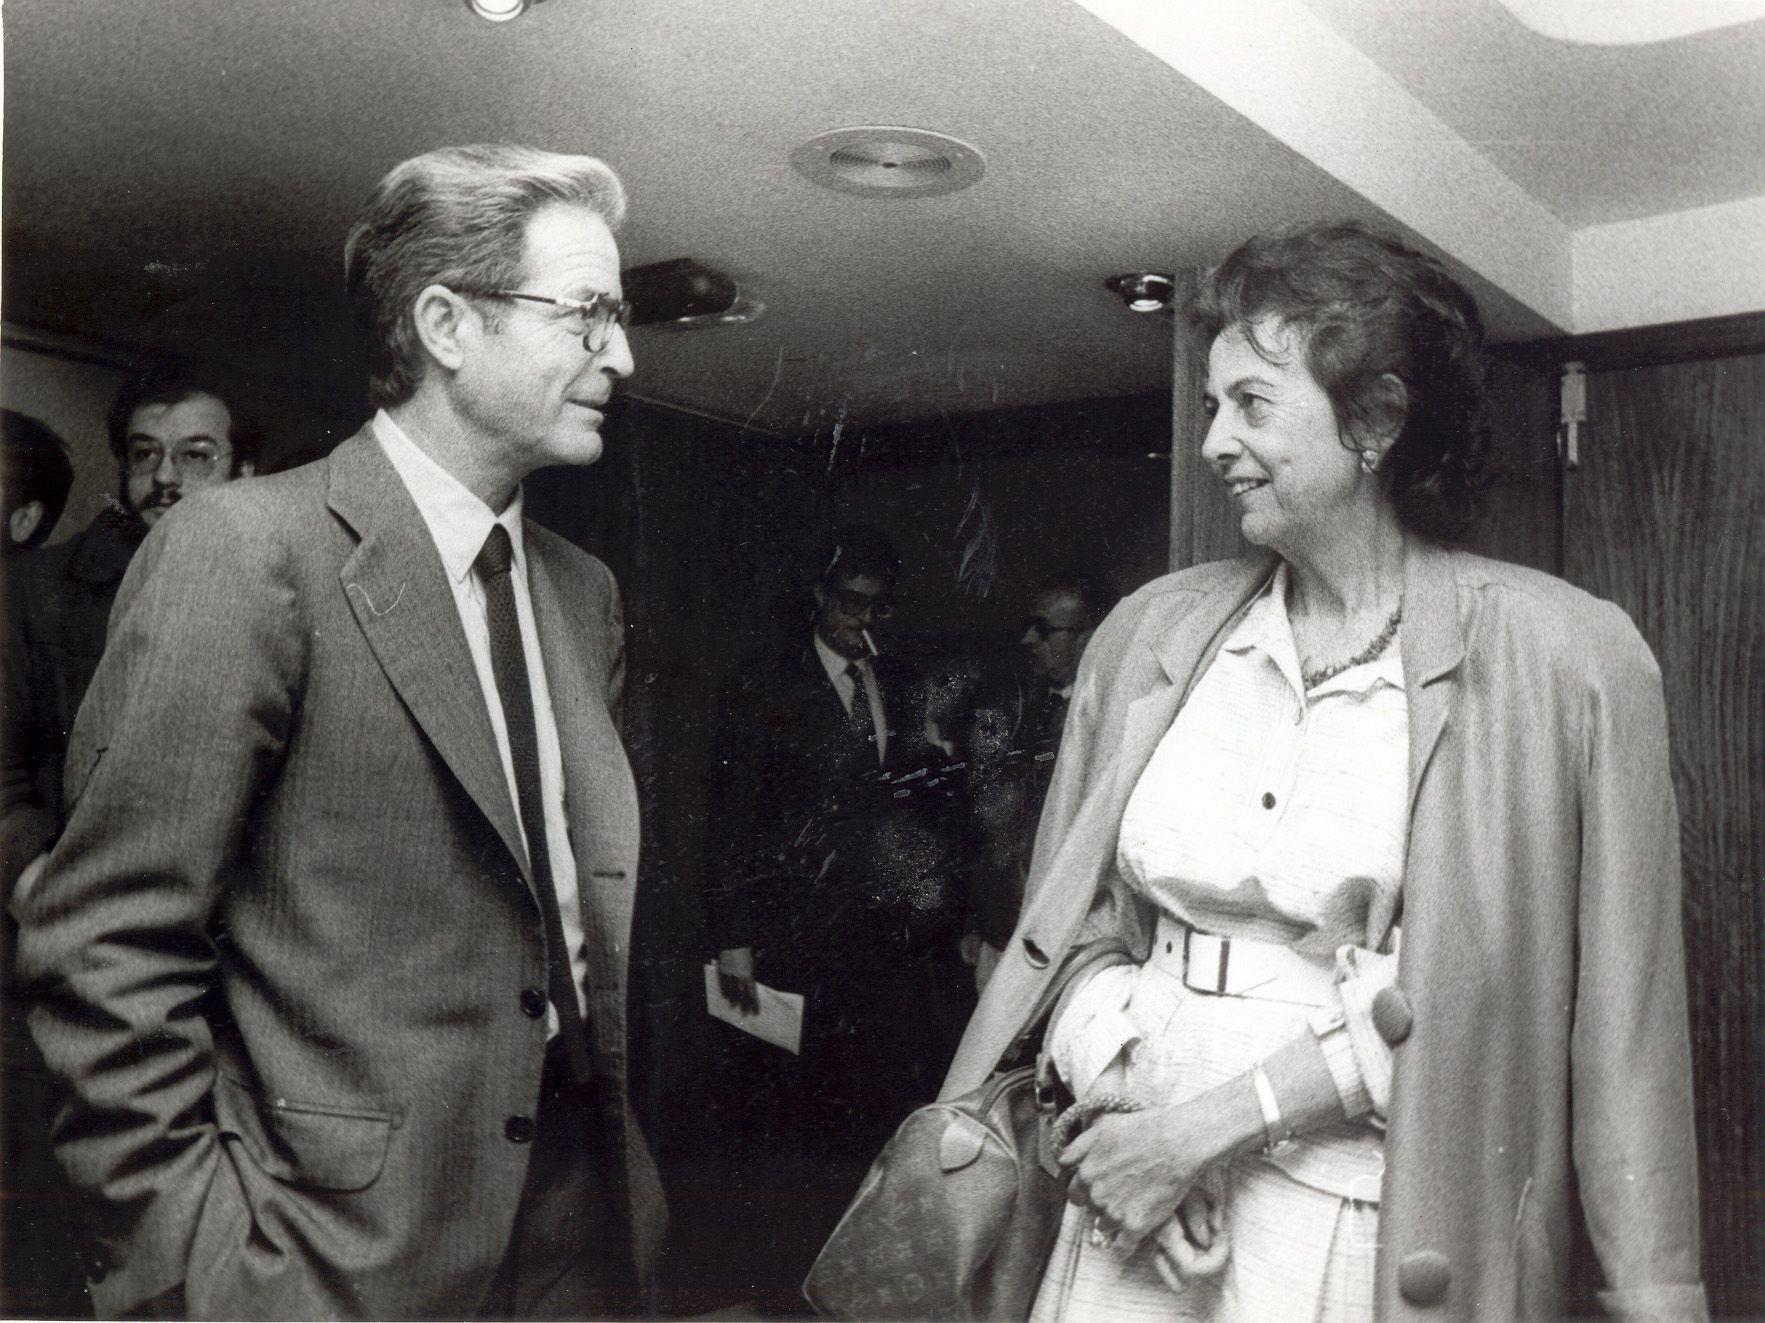 1986 - Conversando con Antonio Garrigues Walker - Material cedido por El Correo Gallego.